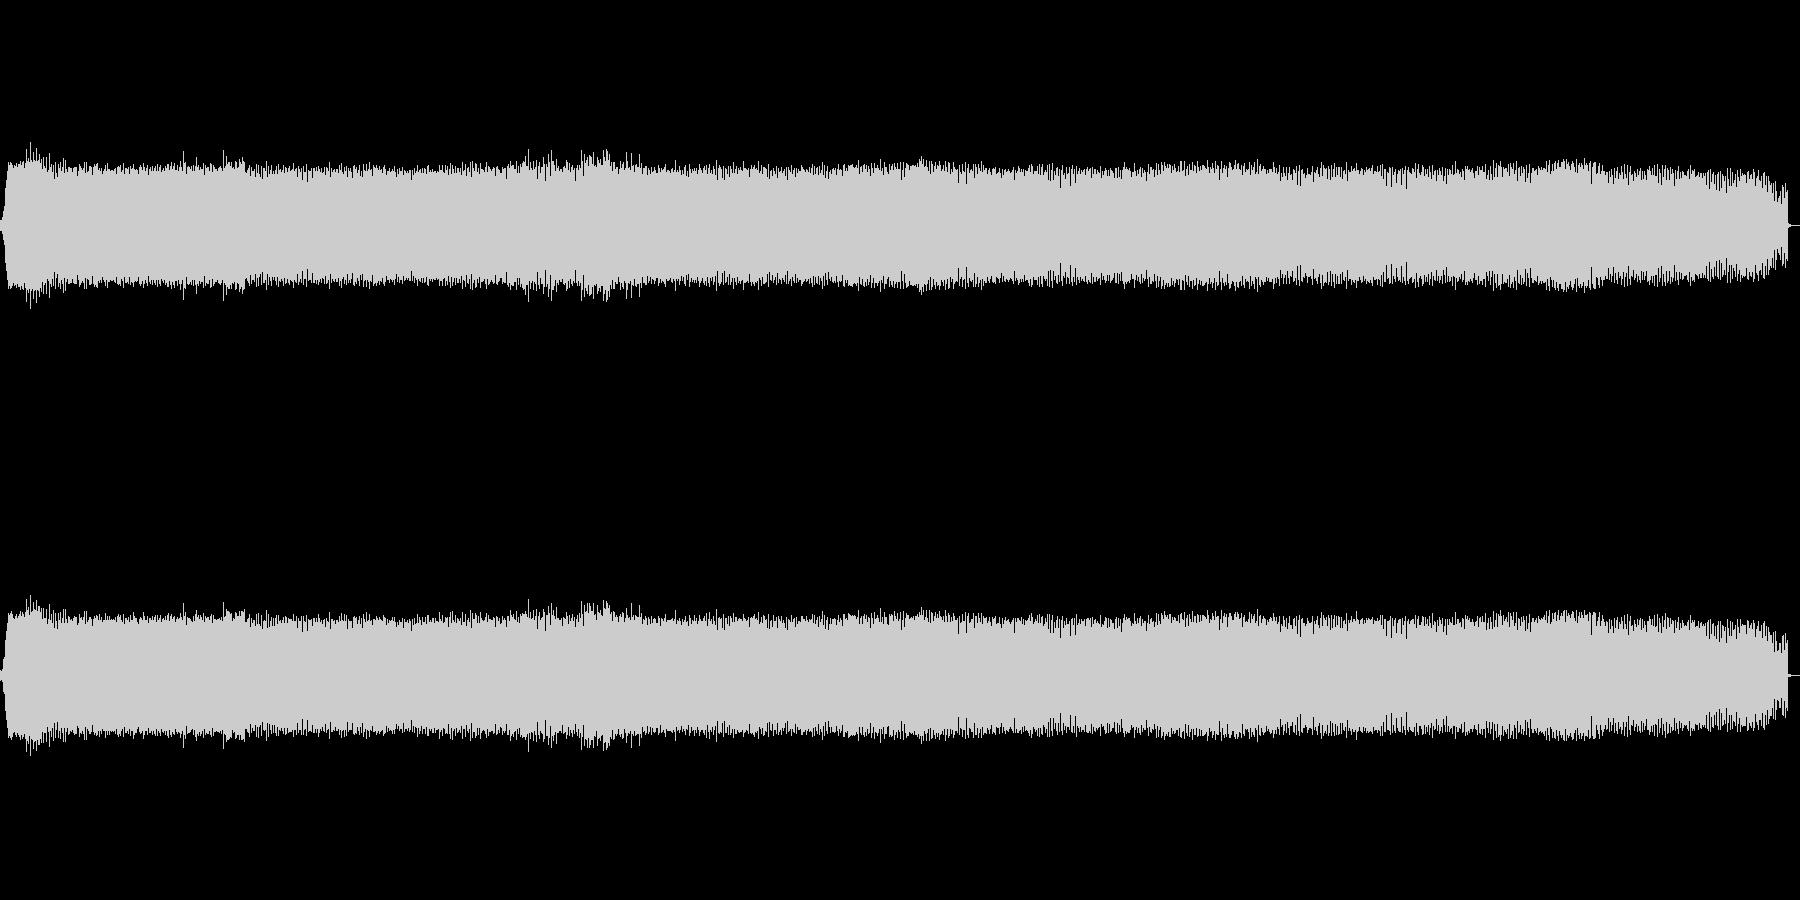 高めの汽笛のような電子音です。の未再生の波形